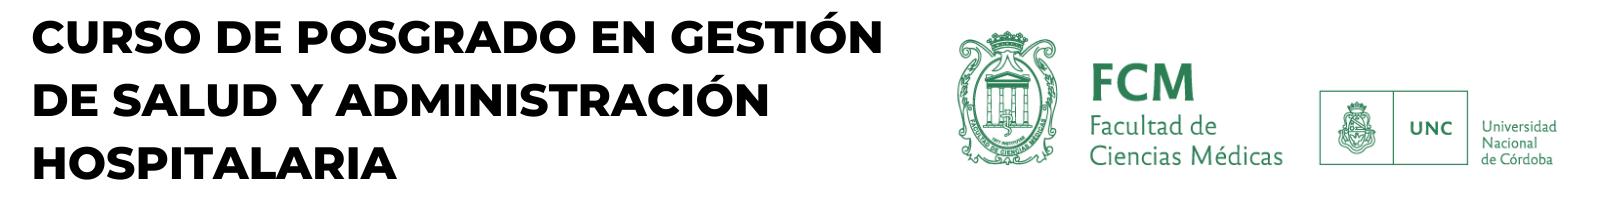 Cursos en Gestión de la Salud y Administración Hospitalaria Logo